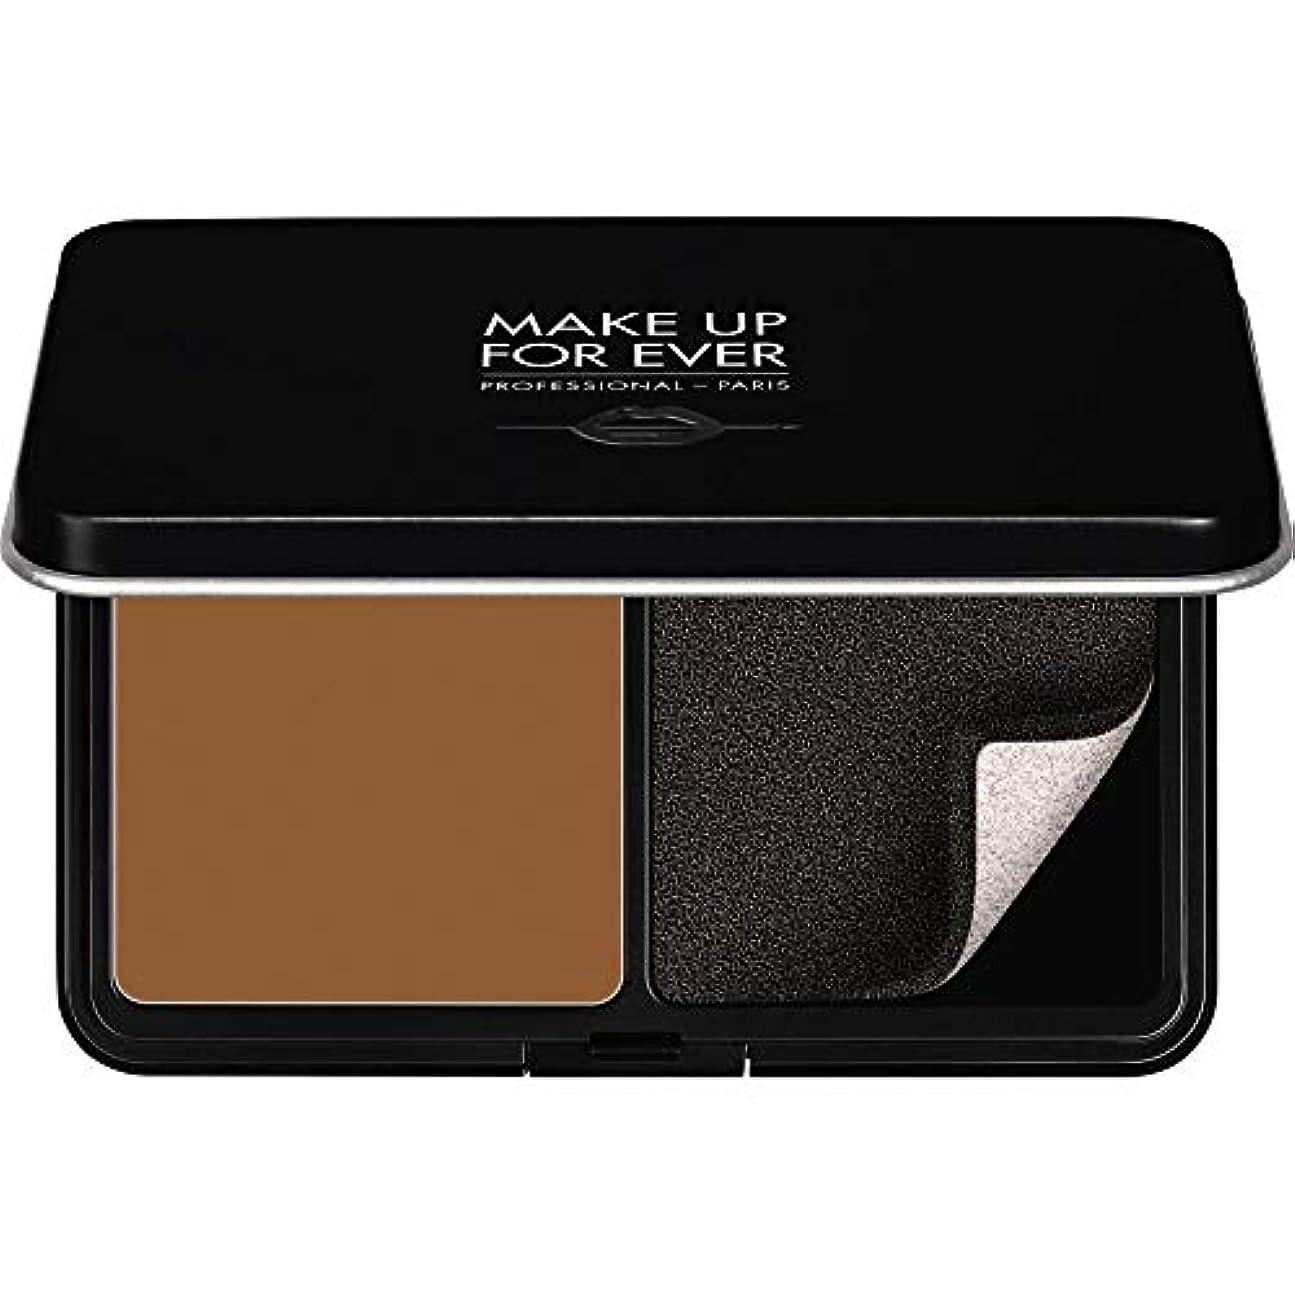 凝縮するミンチ小競り合い[MAKE UP FOR EVER] パウダーファンデーション11GののR520をぼかし、これまでマットベルベットの肌を補う - シナモン - MAKE UP FOR EVER Matte Velvet Skin Blurring...